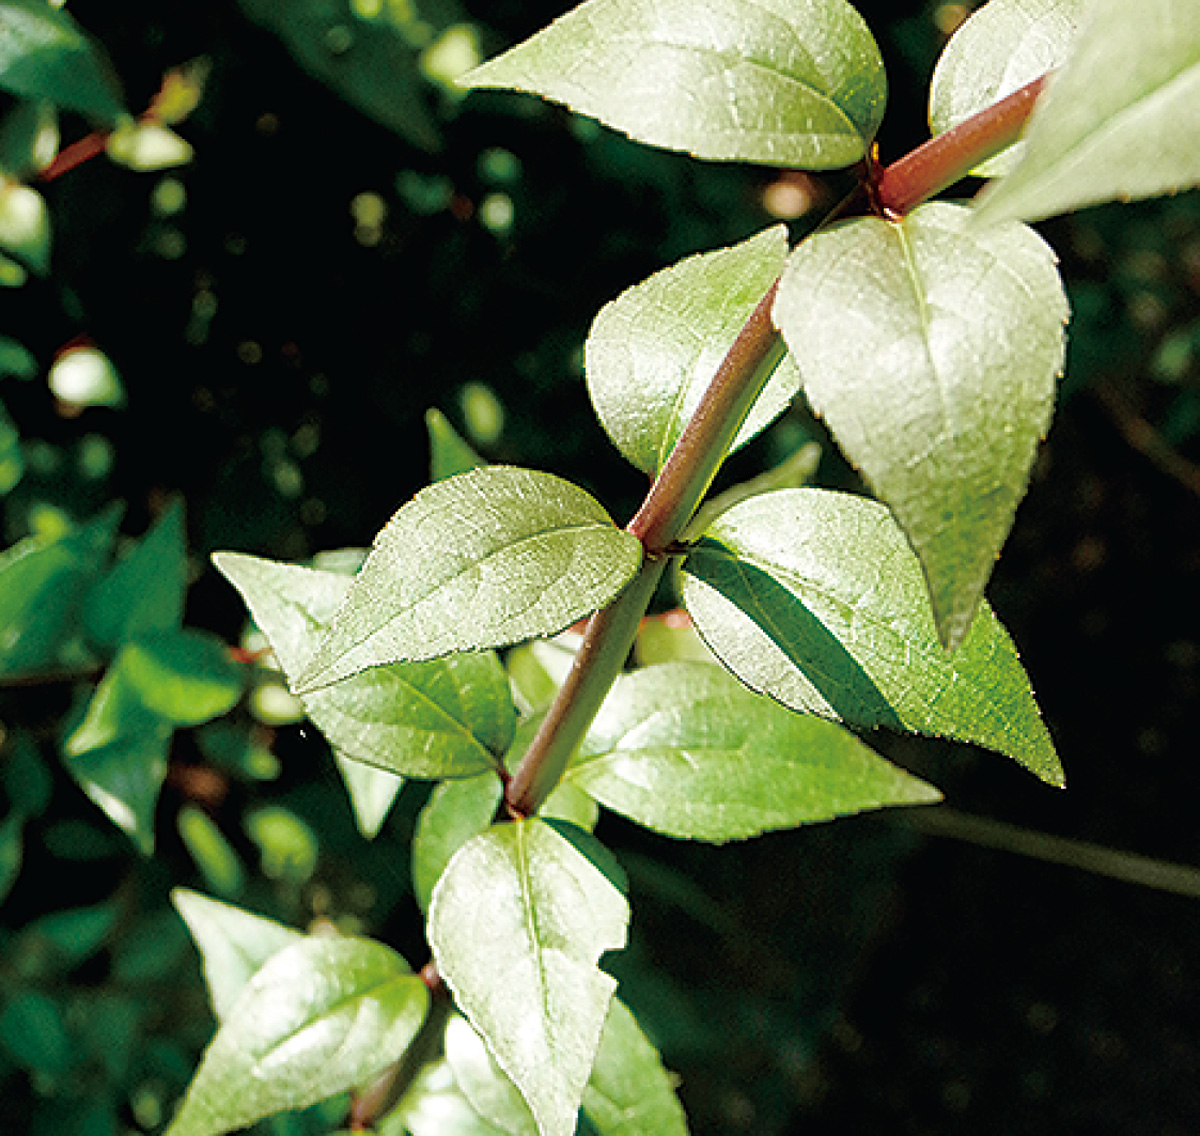 葉のつき方は対生の中に輪生もある